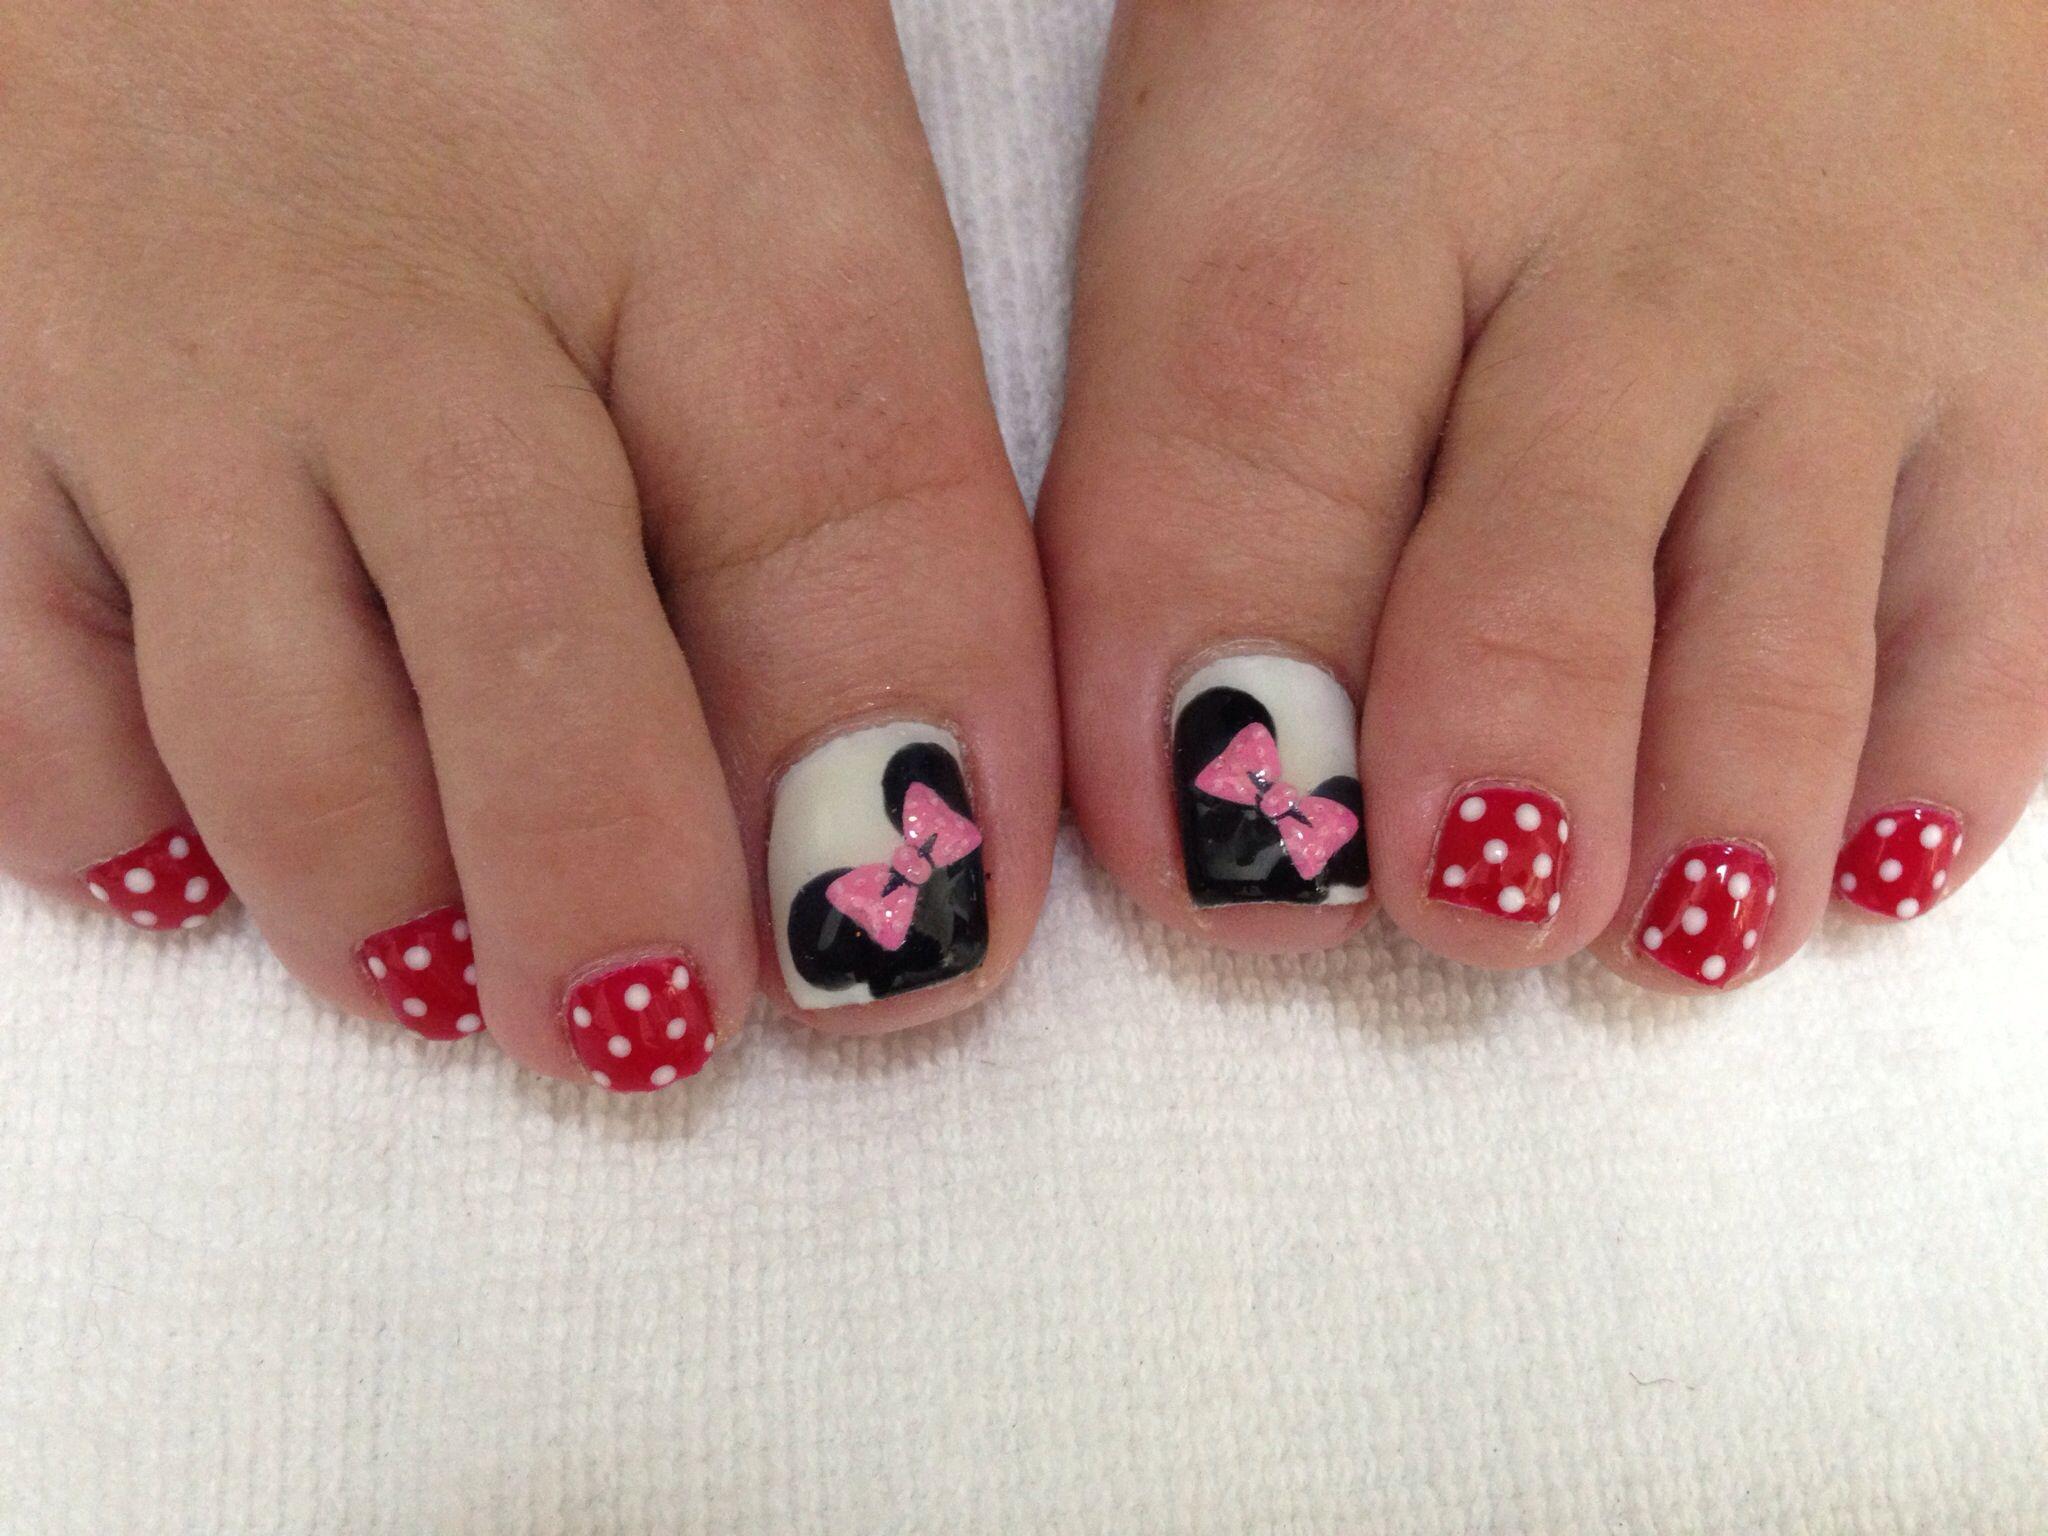 Minnie Mouse toe nails | Diseños de uñas | Pinterest | Diseños de ...